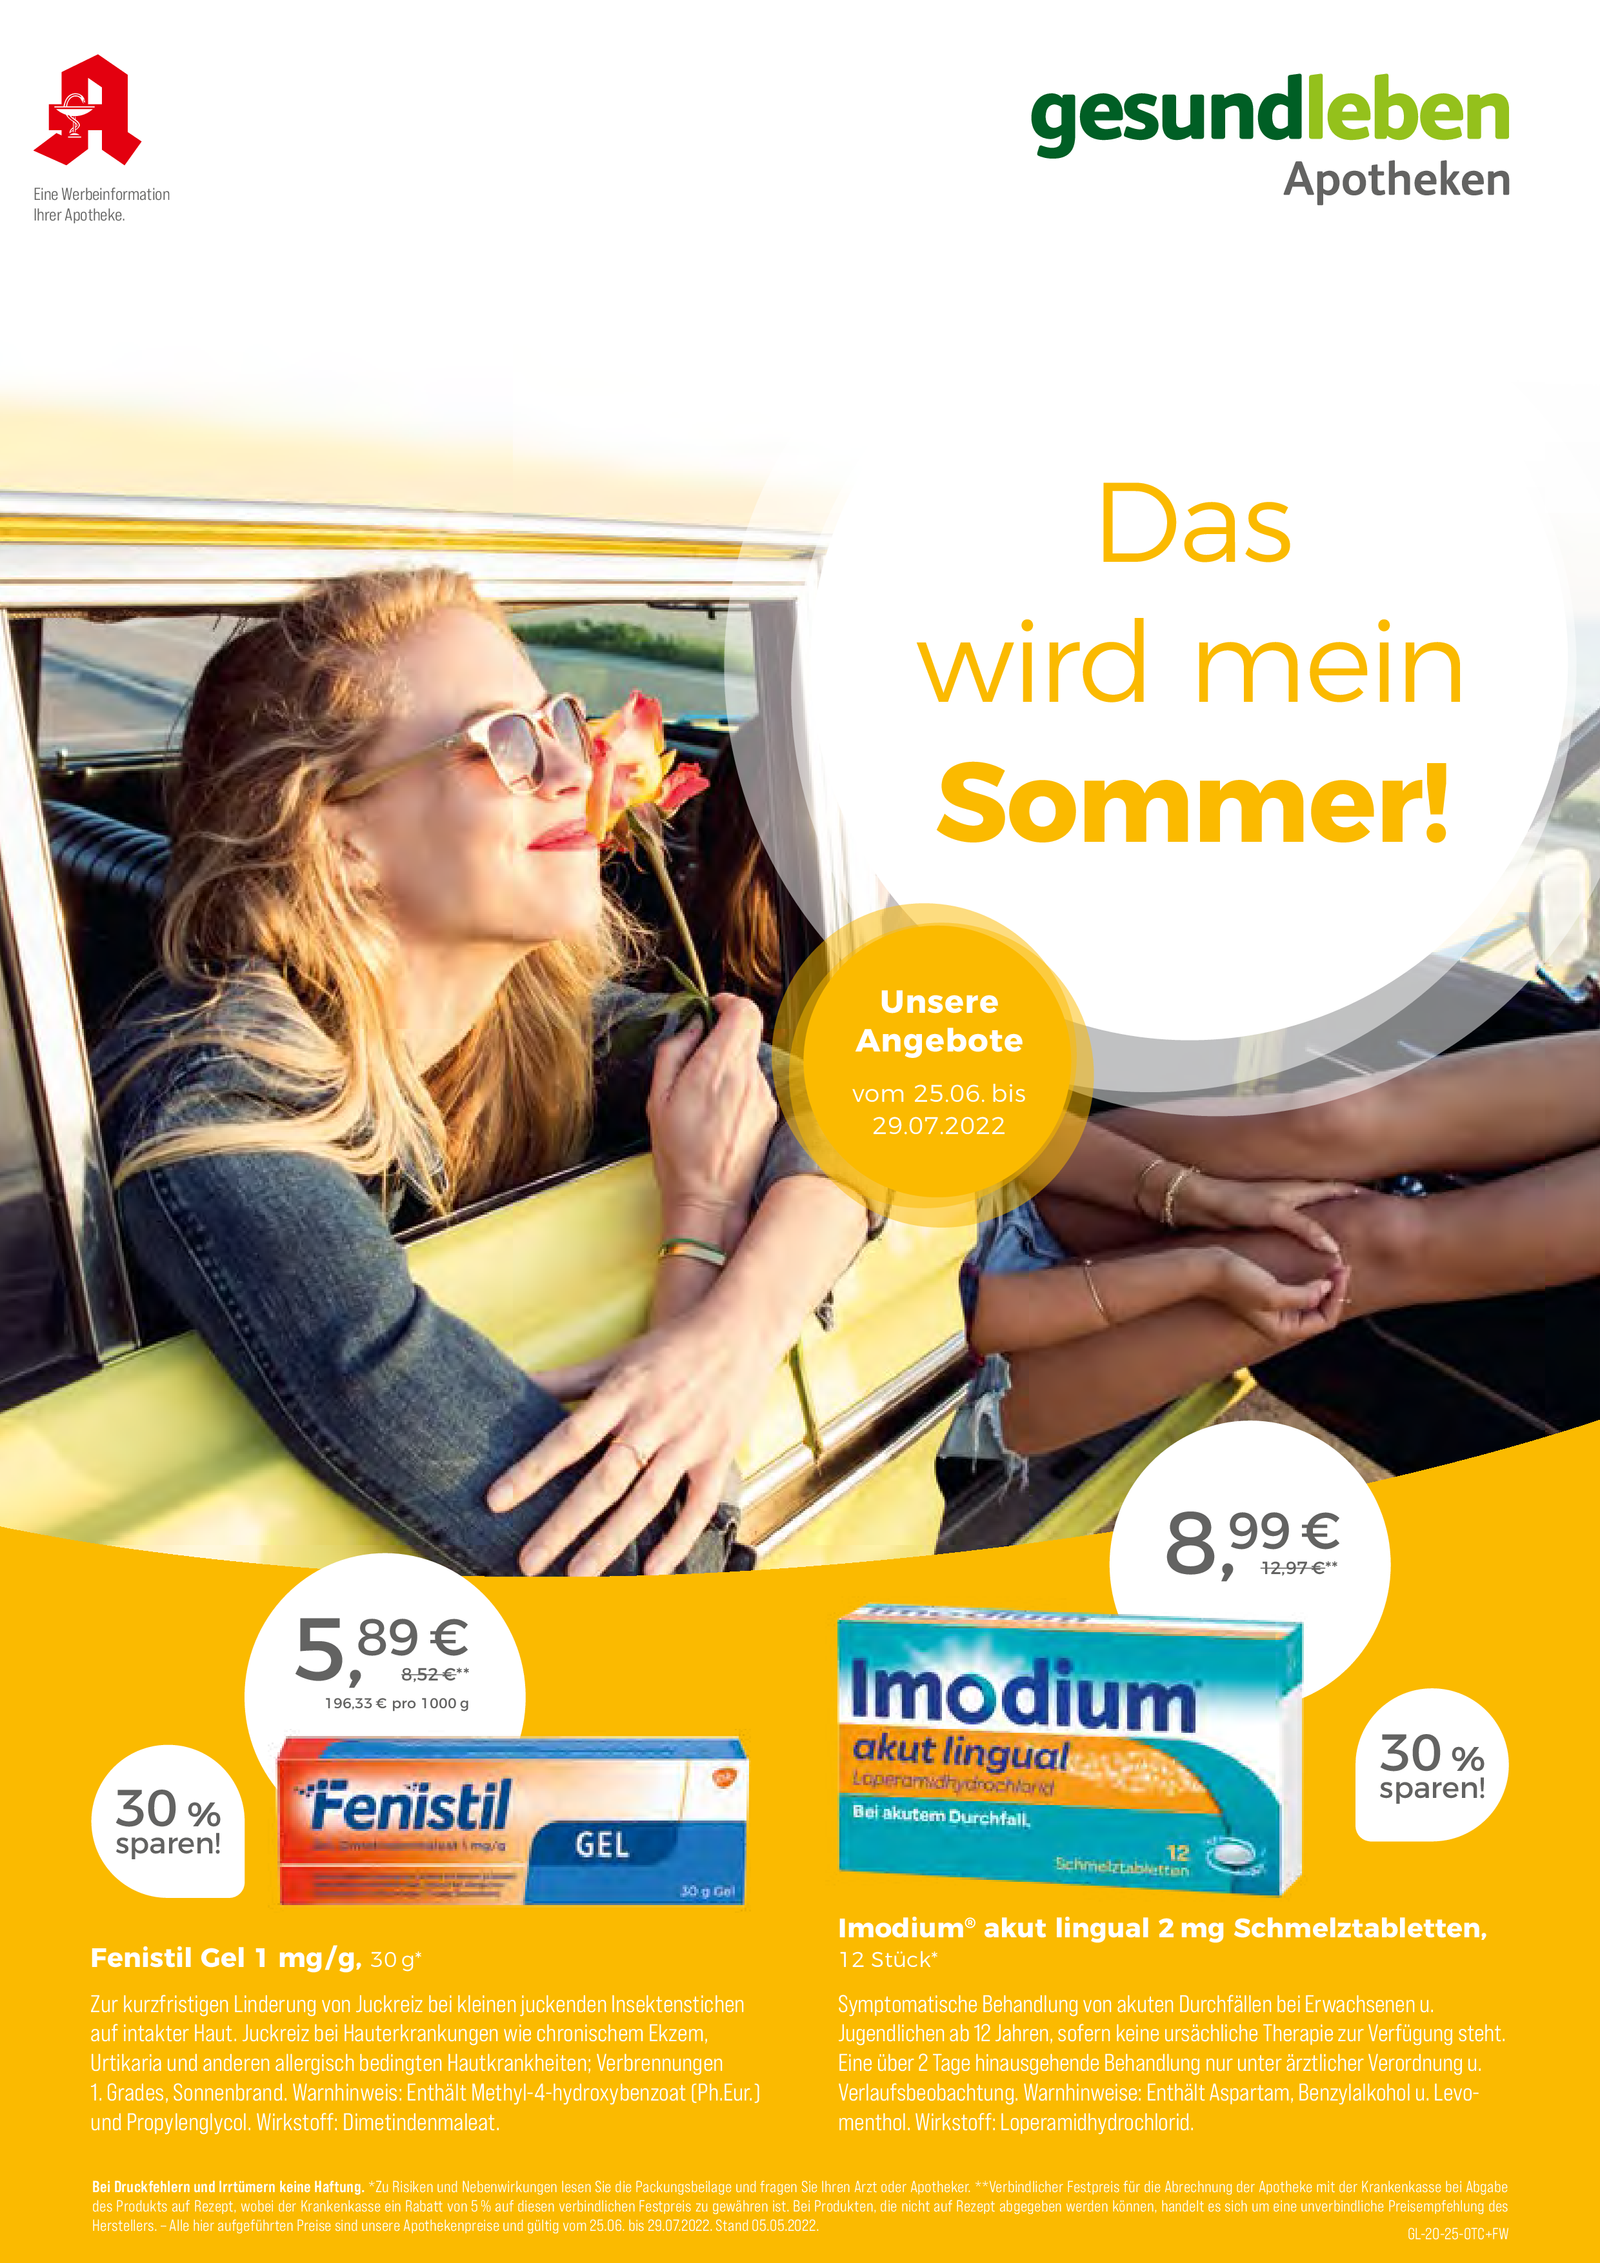 https://mein-uploads.apocdn.net/12405/leaflets/gesundleben_mittel-Seite1.png